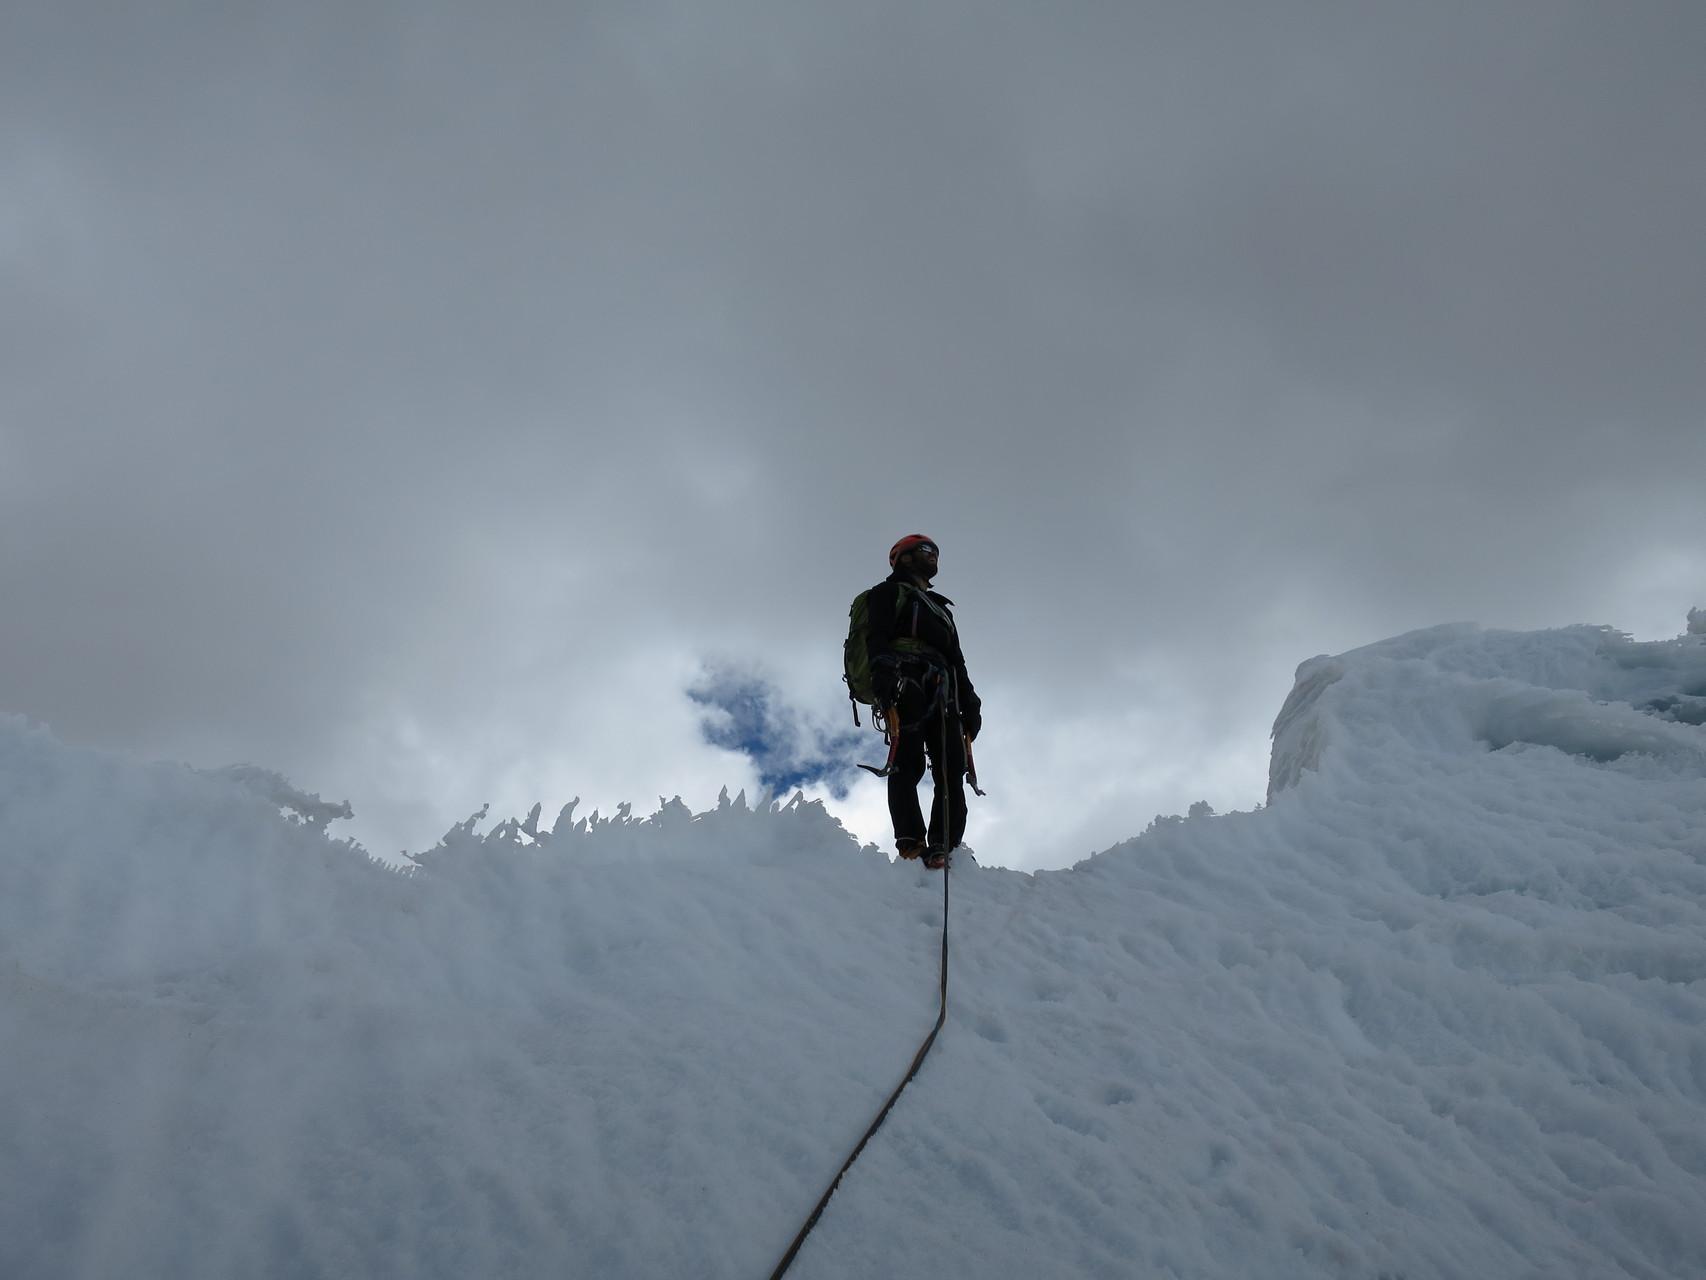 Damian am Ausstieg, doch noch sind wir nicht auf dem Gipfel